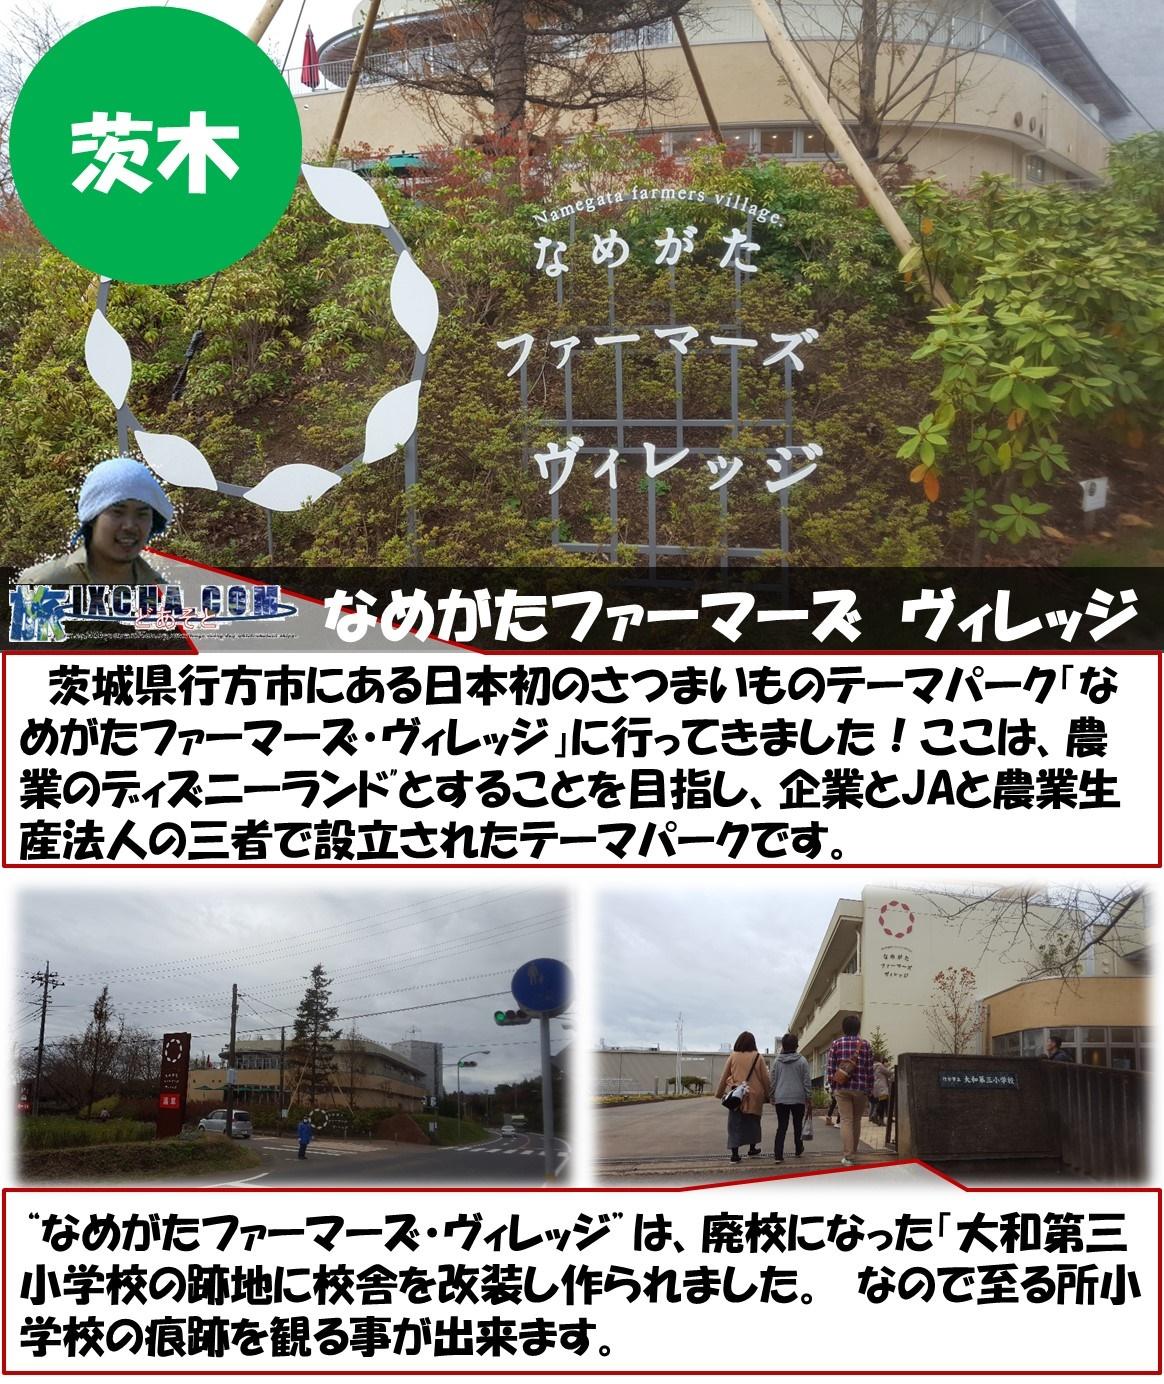 """茨木 なめがたファーマーズ ヴィレッジ 茨城県行方市にある日本初のさつまいものテーマパーク「なめがたファーマーズ・ヴィレッジ」に行ってきました!ここは、農業のディズニーランド""""とすることを目指し、企業とJAと農業生産法人の三者で設立されたテーマパークです。 """"なめがたファーマーズ・ヴィレッジ""""は、廃校になった「大和第三小学校の跡地に校舎を改装し作られました。 なので至る所小学校の痕跡を観る事が出来ます。"""